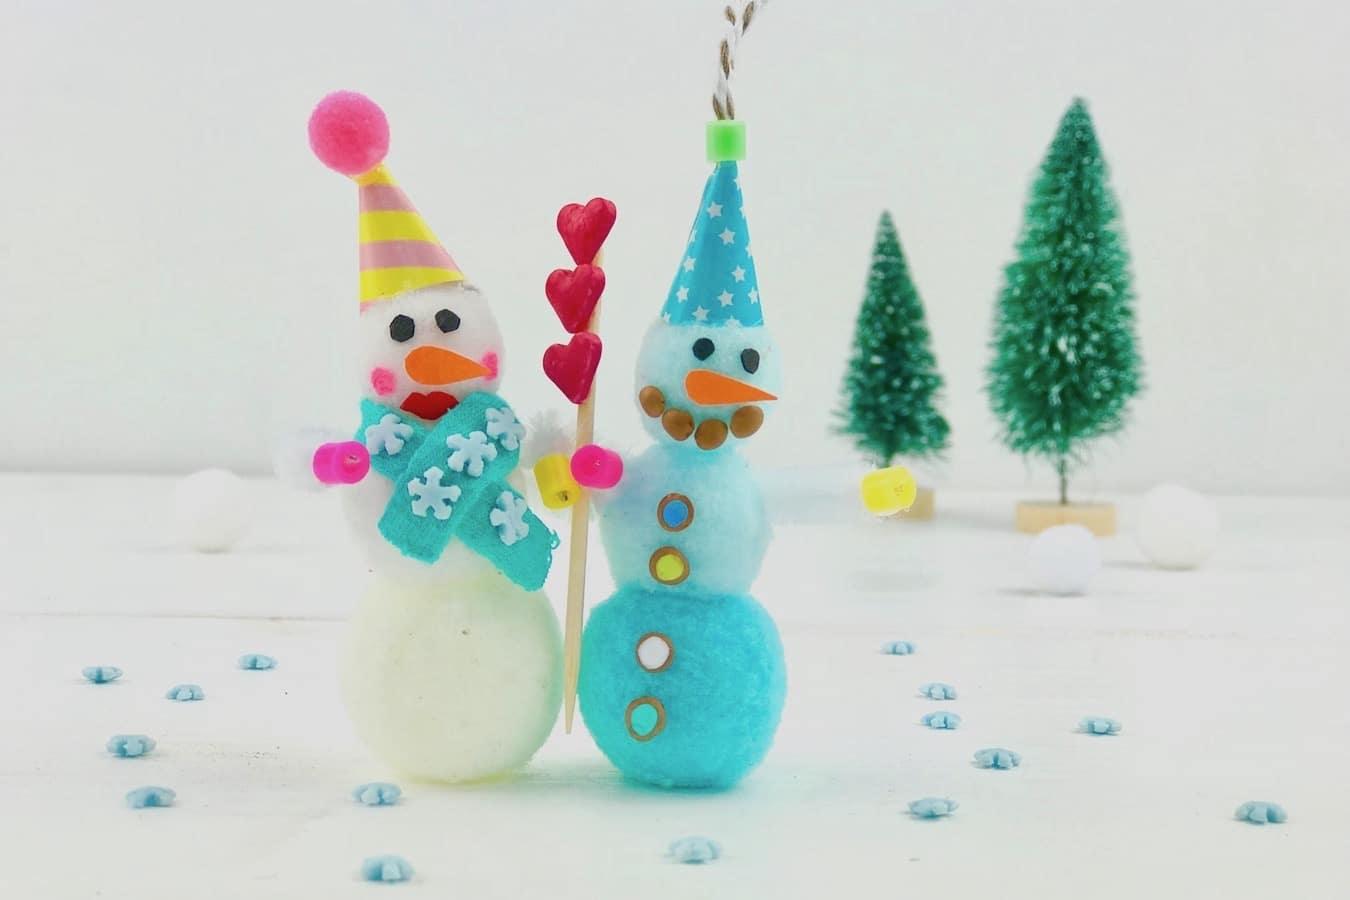 Weihnachtsbasteln Mit Kindern Zum Advent: 3 Einfache bestimmt für Einfache Bastelideen Für Weihnachten